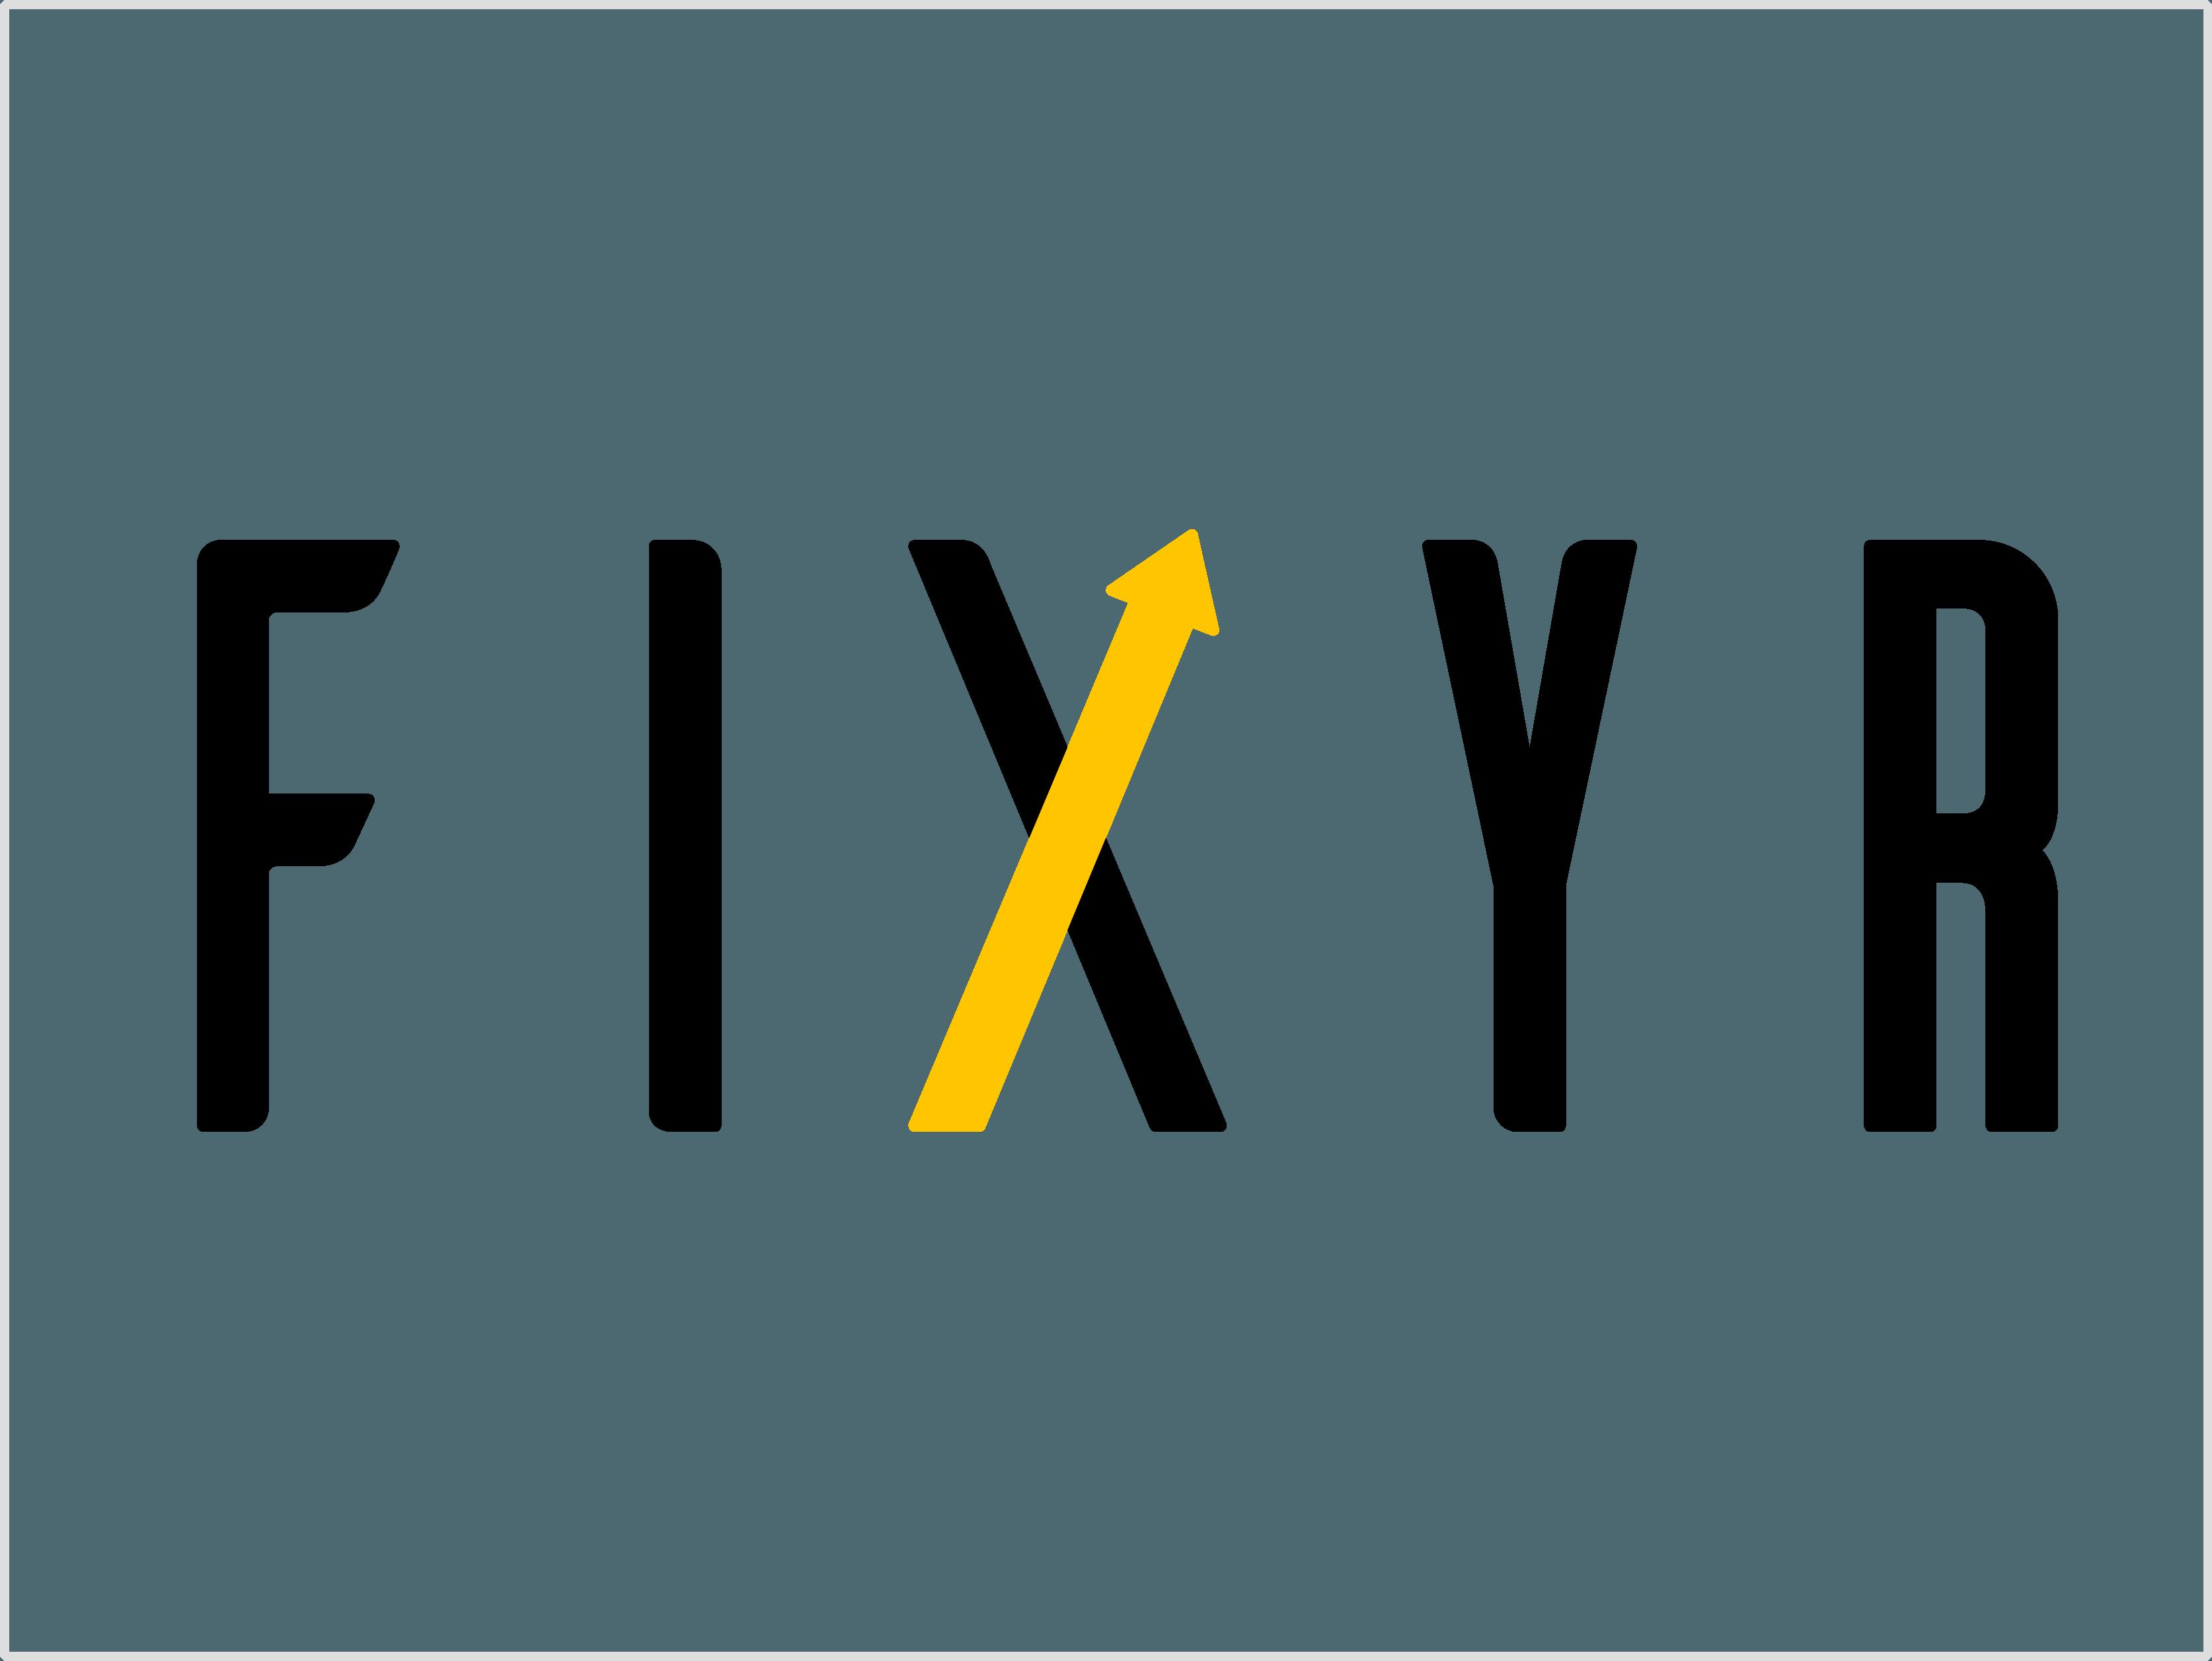 Fixyr Marketing